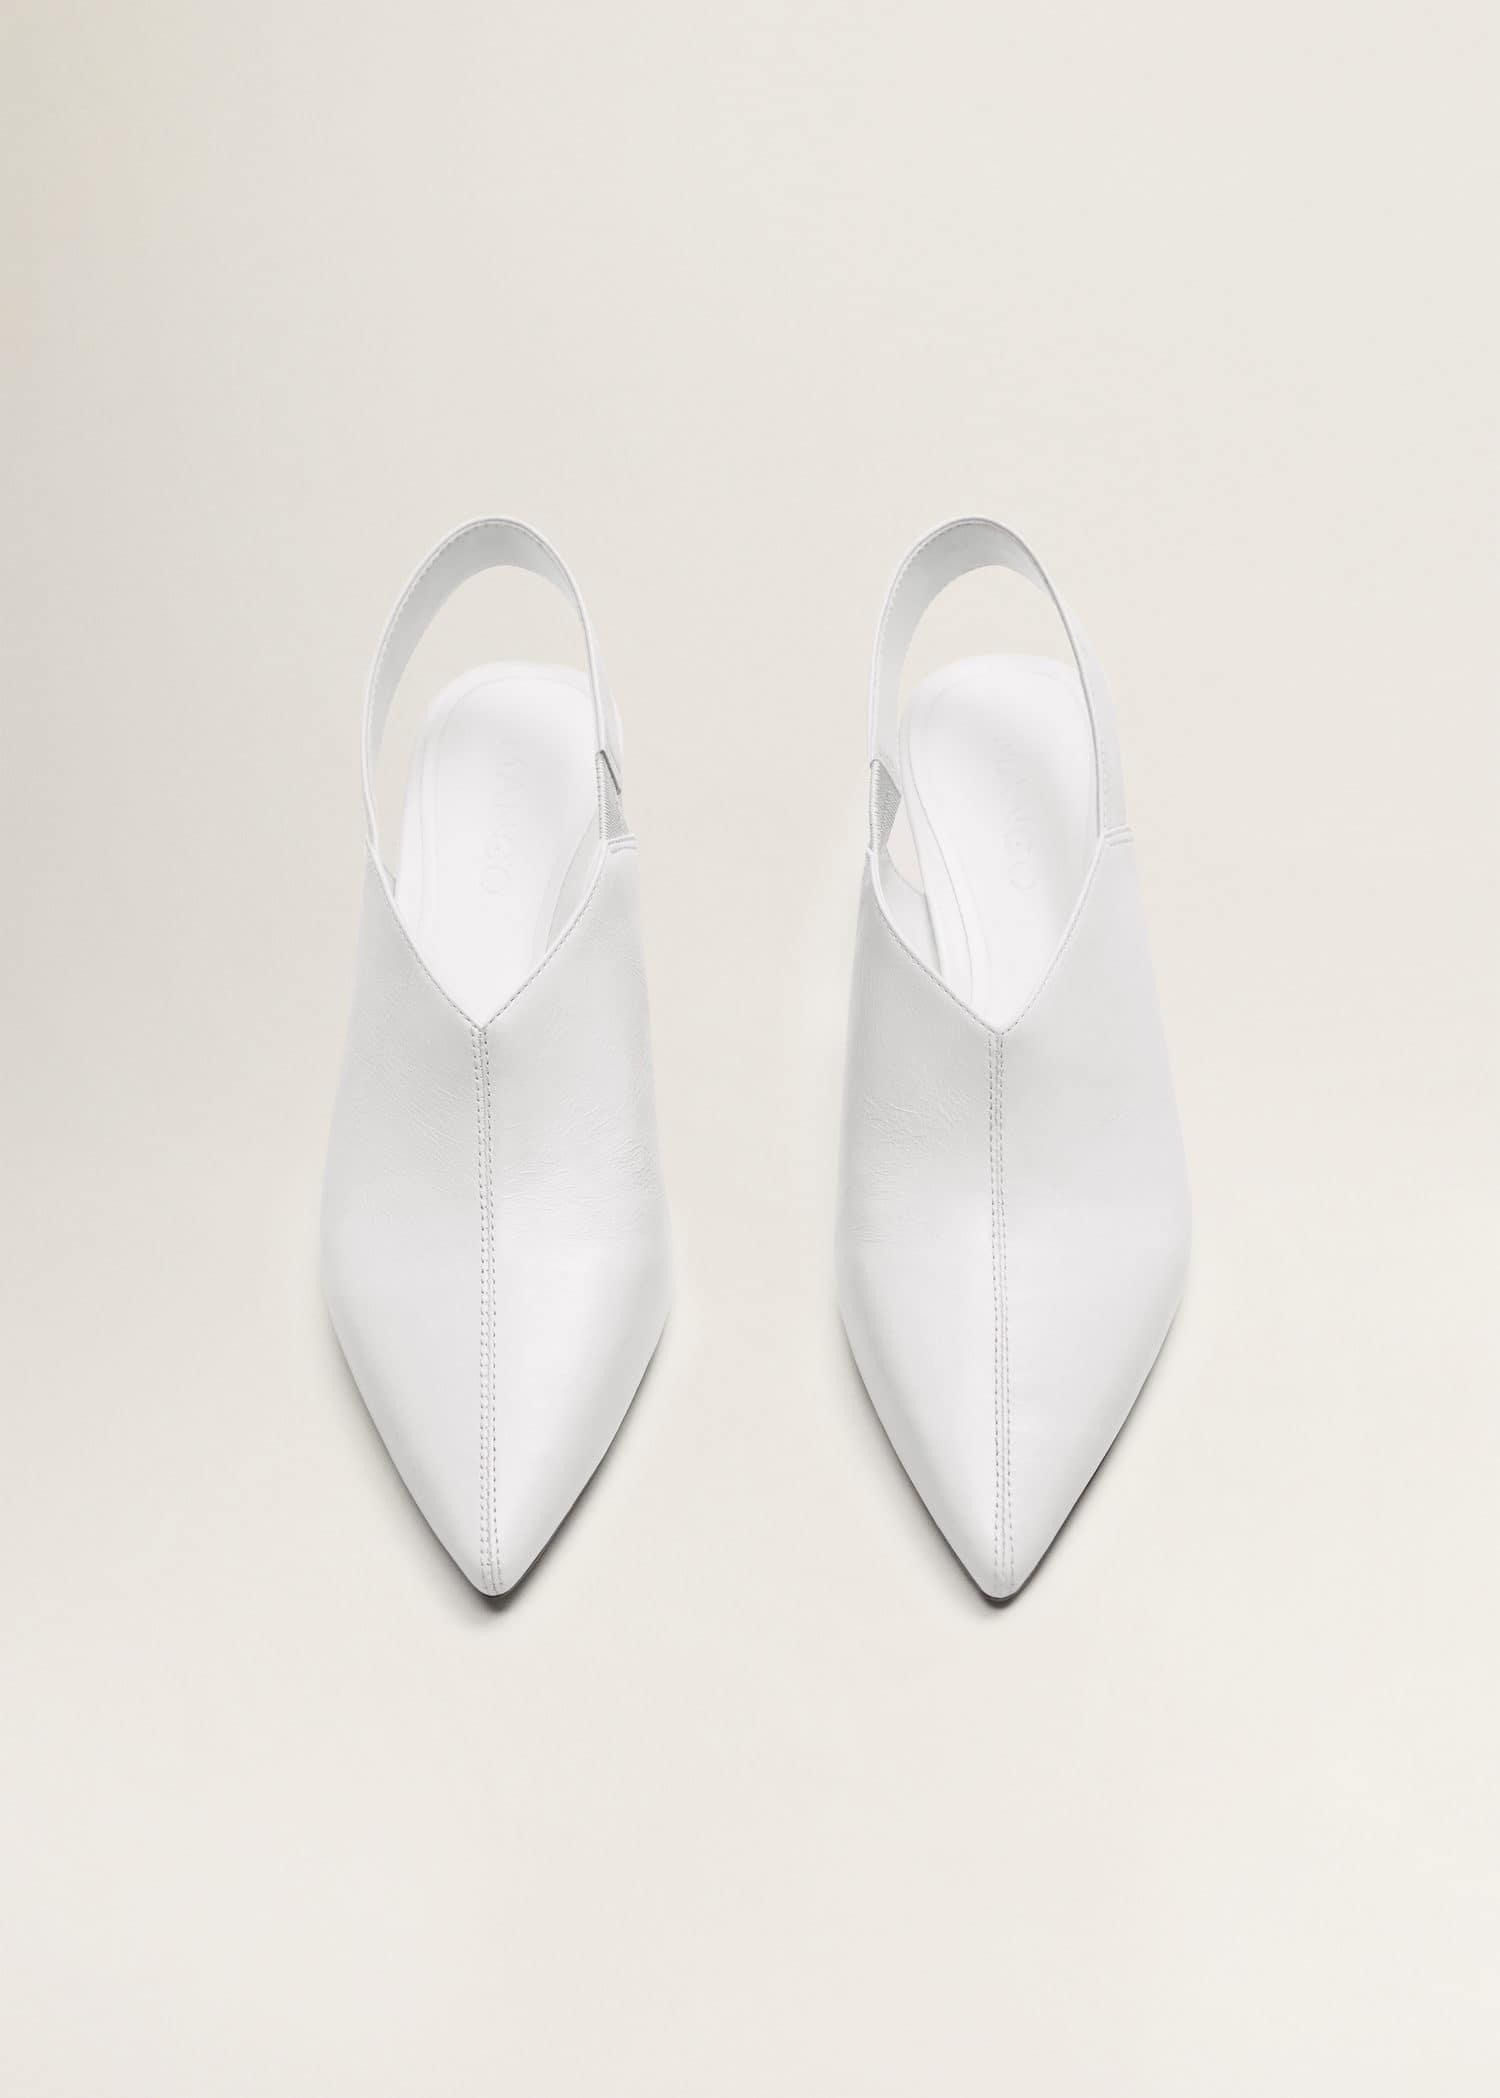 cuir l'arrière ouvertes cuir ouvertes à Chaussures Chaussures 3lK1uJcTF